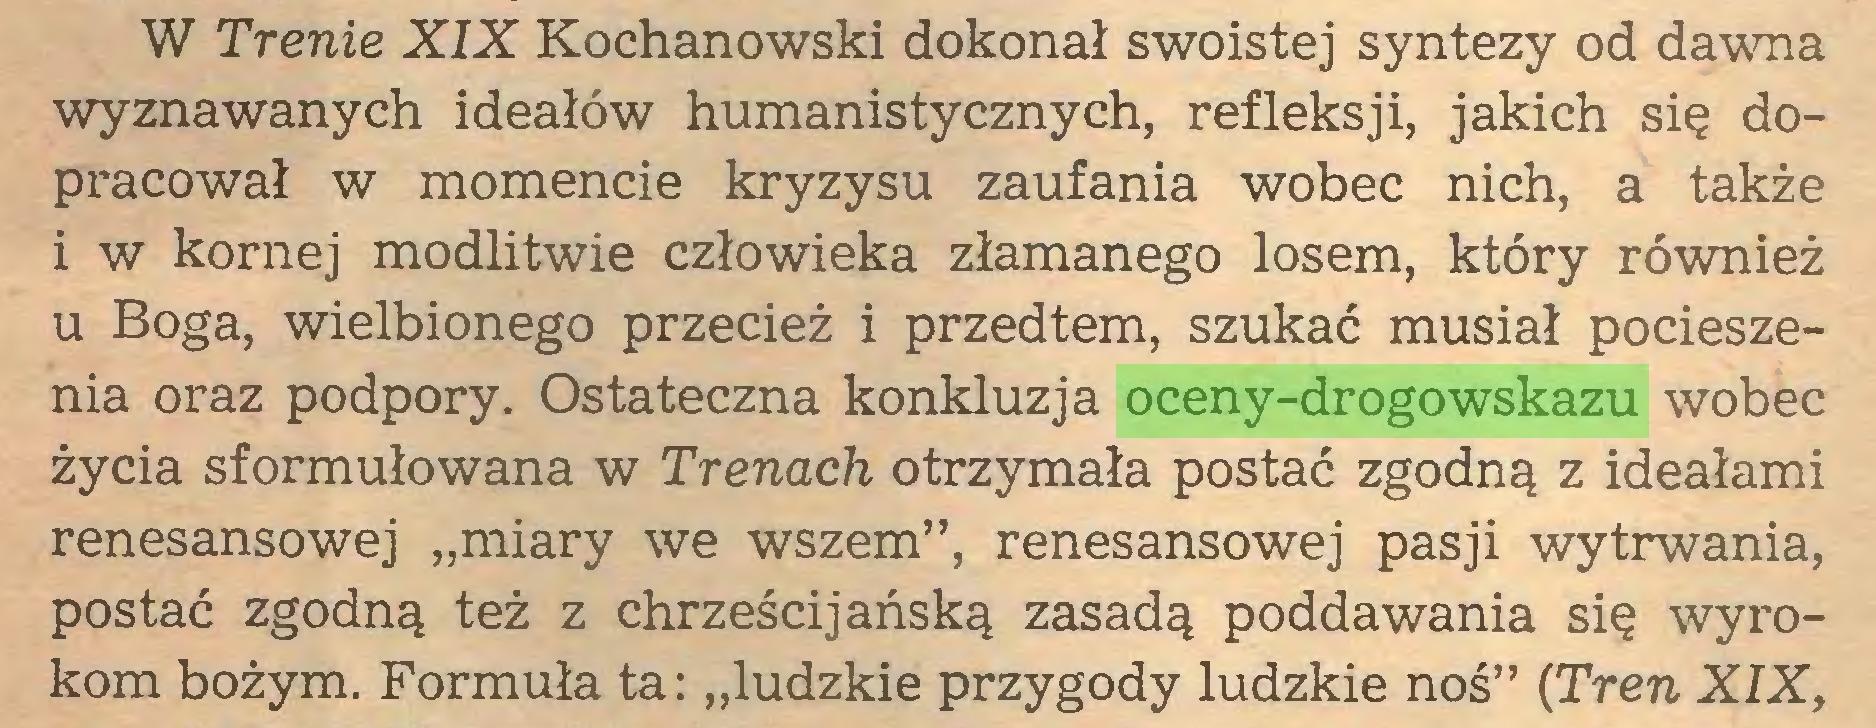 """(...) W Trenie XIX Kochanowski dokonał swoistej syntezy od dawna wyznawanych ideałów humanistycznych, refleksji, jakich się dopracował w momencie kryzysu zaufania wobec nich, a także i w kornej modlitwie człowieka złamanego losem, który również u Boga, wielbionego przecież i przedtem, szukać musiał pocieszenia oraz podpory. Ostateczna konkluzja oceny-drogowskazu wobec życia sformułowana w Trenach otrzymała postać zgodną z ideałami renesansowej """"miary we wszem"""", renesansowej pasji wytrwania, postać zgodną też z chrześcijańską zasadą poddawania się wyrokom bożym. Formuła ta: """"ludzkie przygody ludzkie noś"""" (Tren XIX,..."""